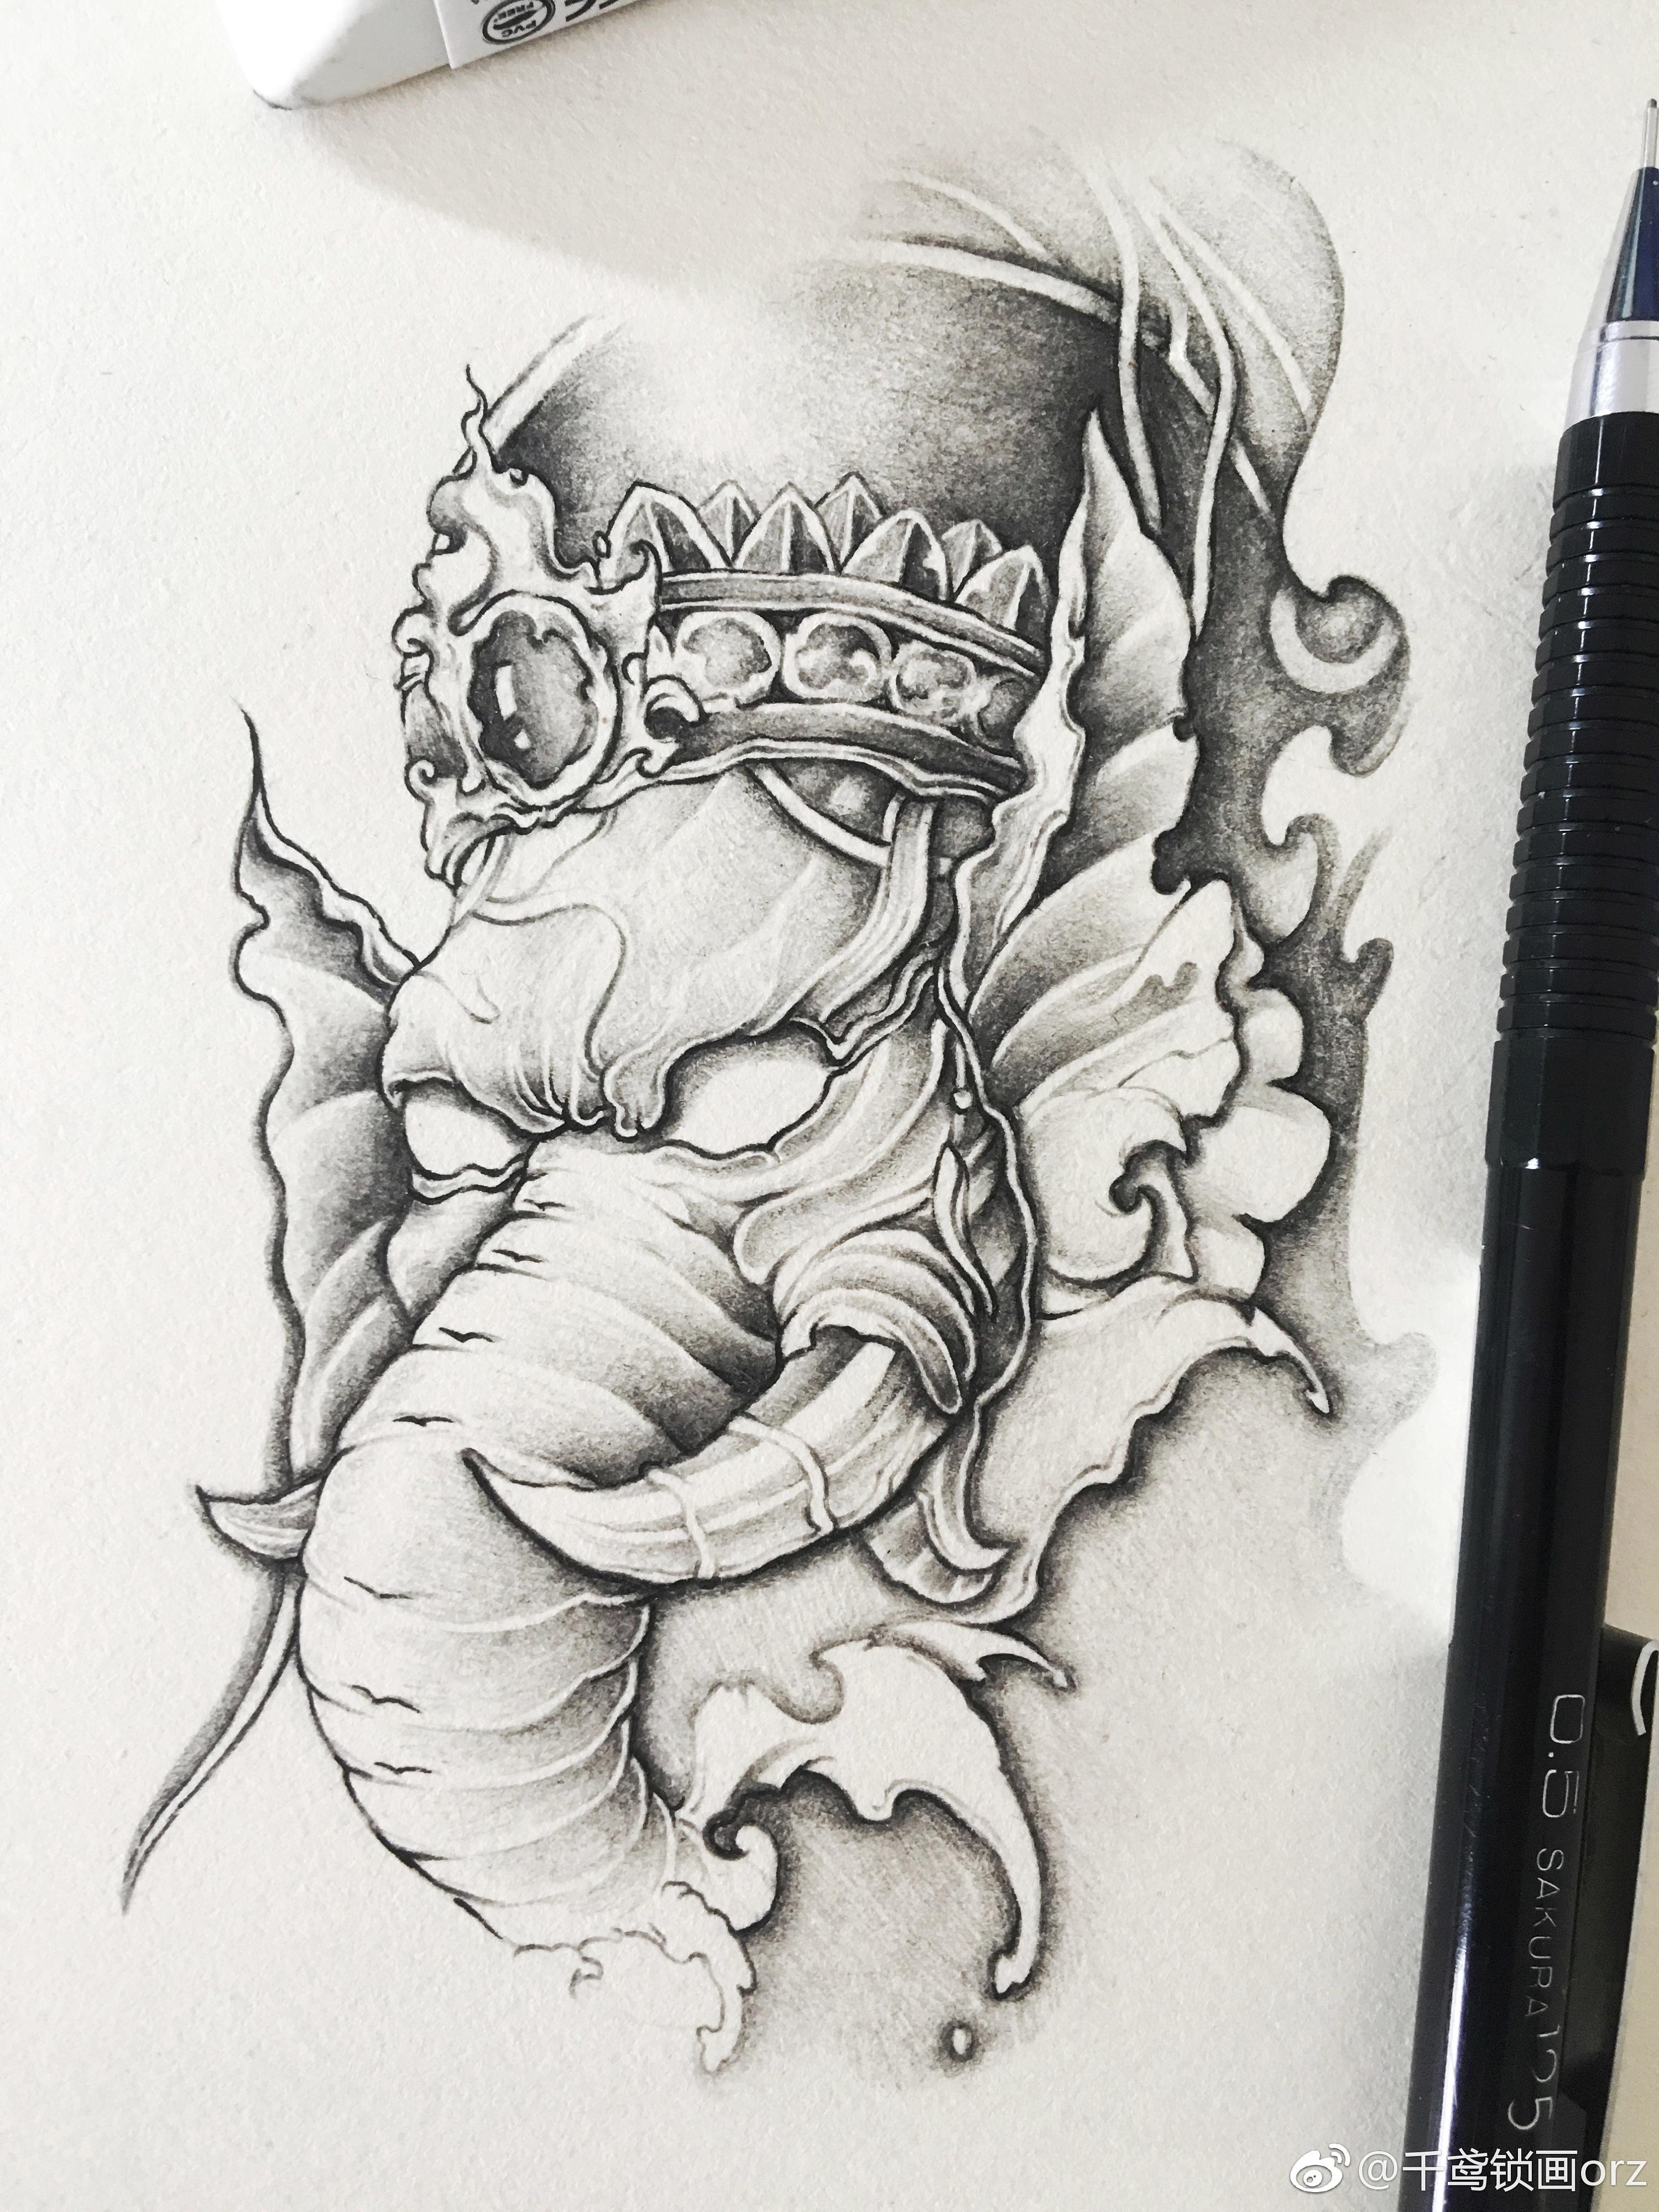 纹身手稿|纯艺术|素描|千鸢锁画 - 原创作品 - 站酷